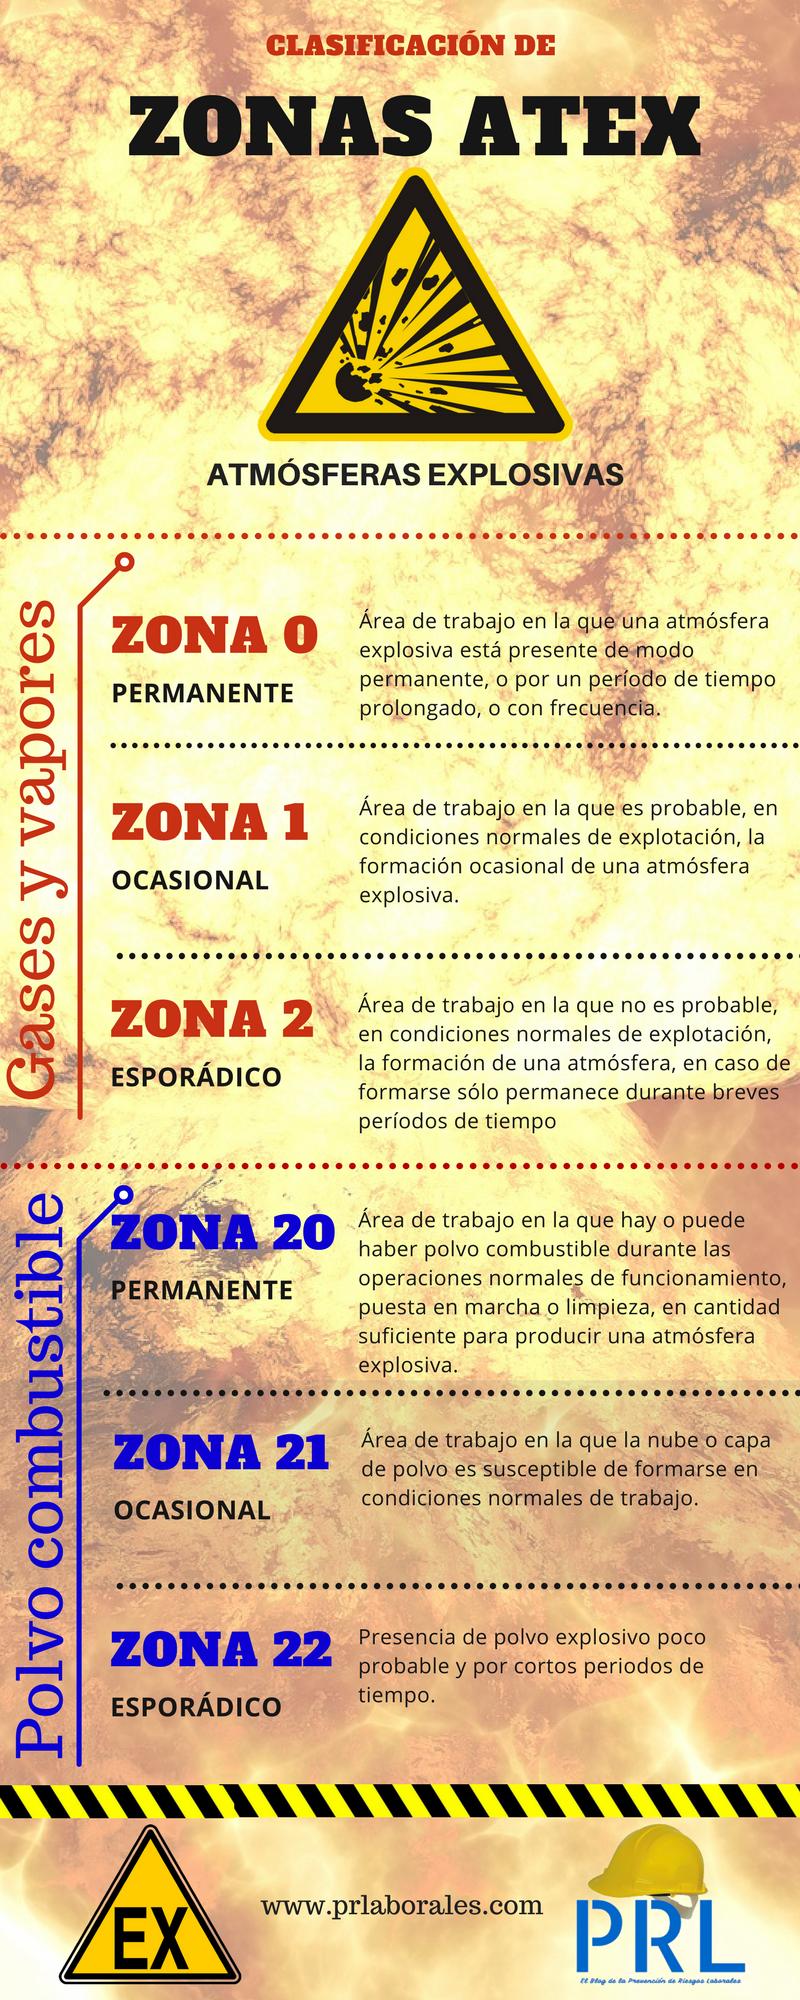 Clasificación de zonas ATEX